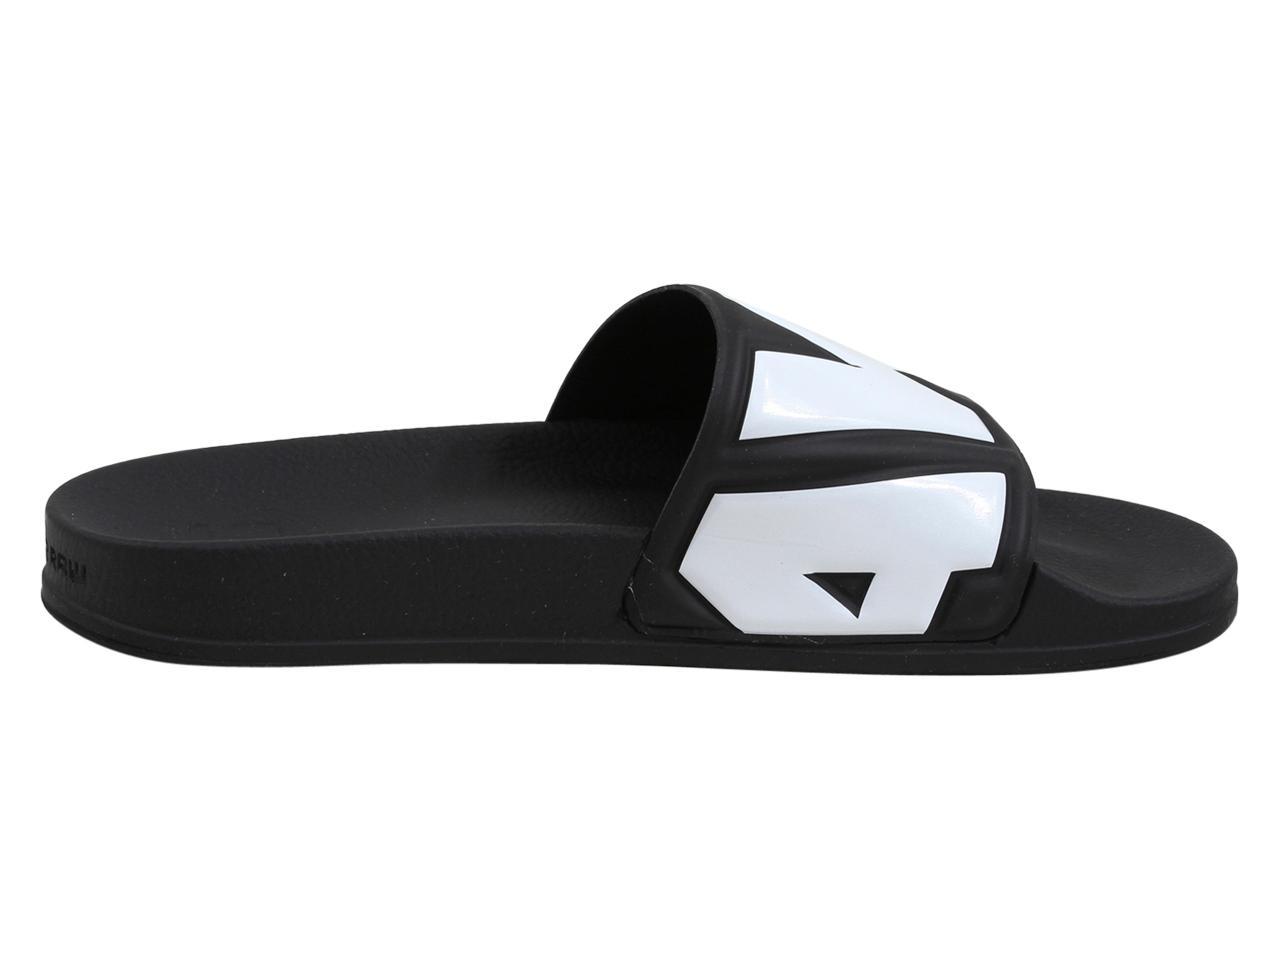 4f76d5f0c79 G-Star Raw Men s Cart-Slide-II Slides Sandals Shoes